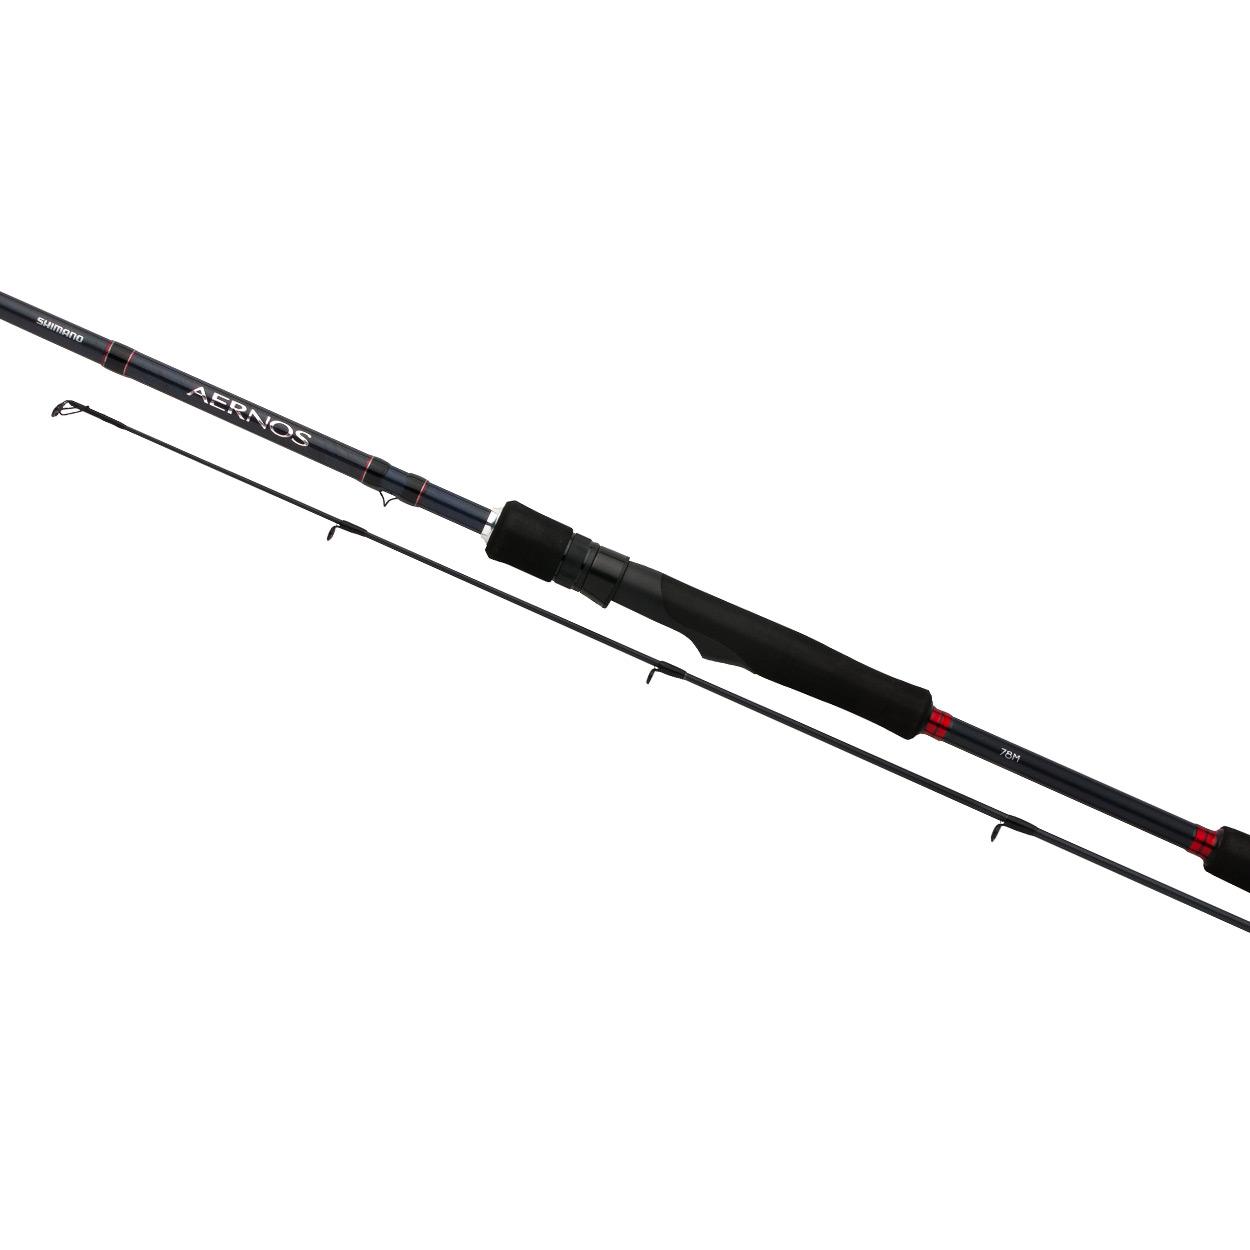 Удилище спиннинговое SHIMANO AERNOS AX SPIN 9`0 XH (+ Леска в подарок!)